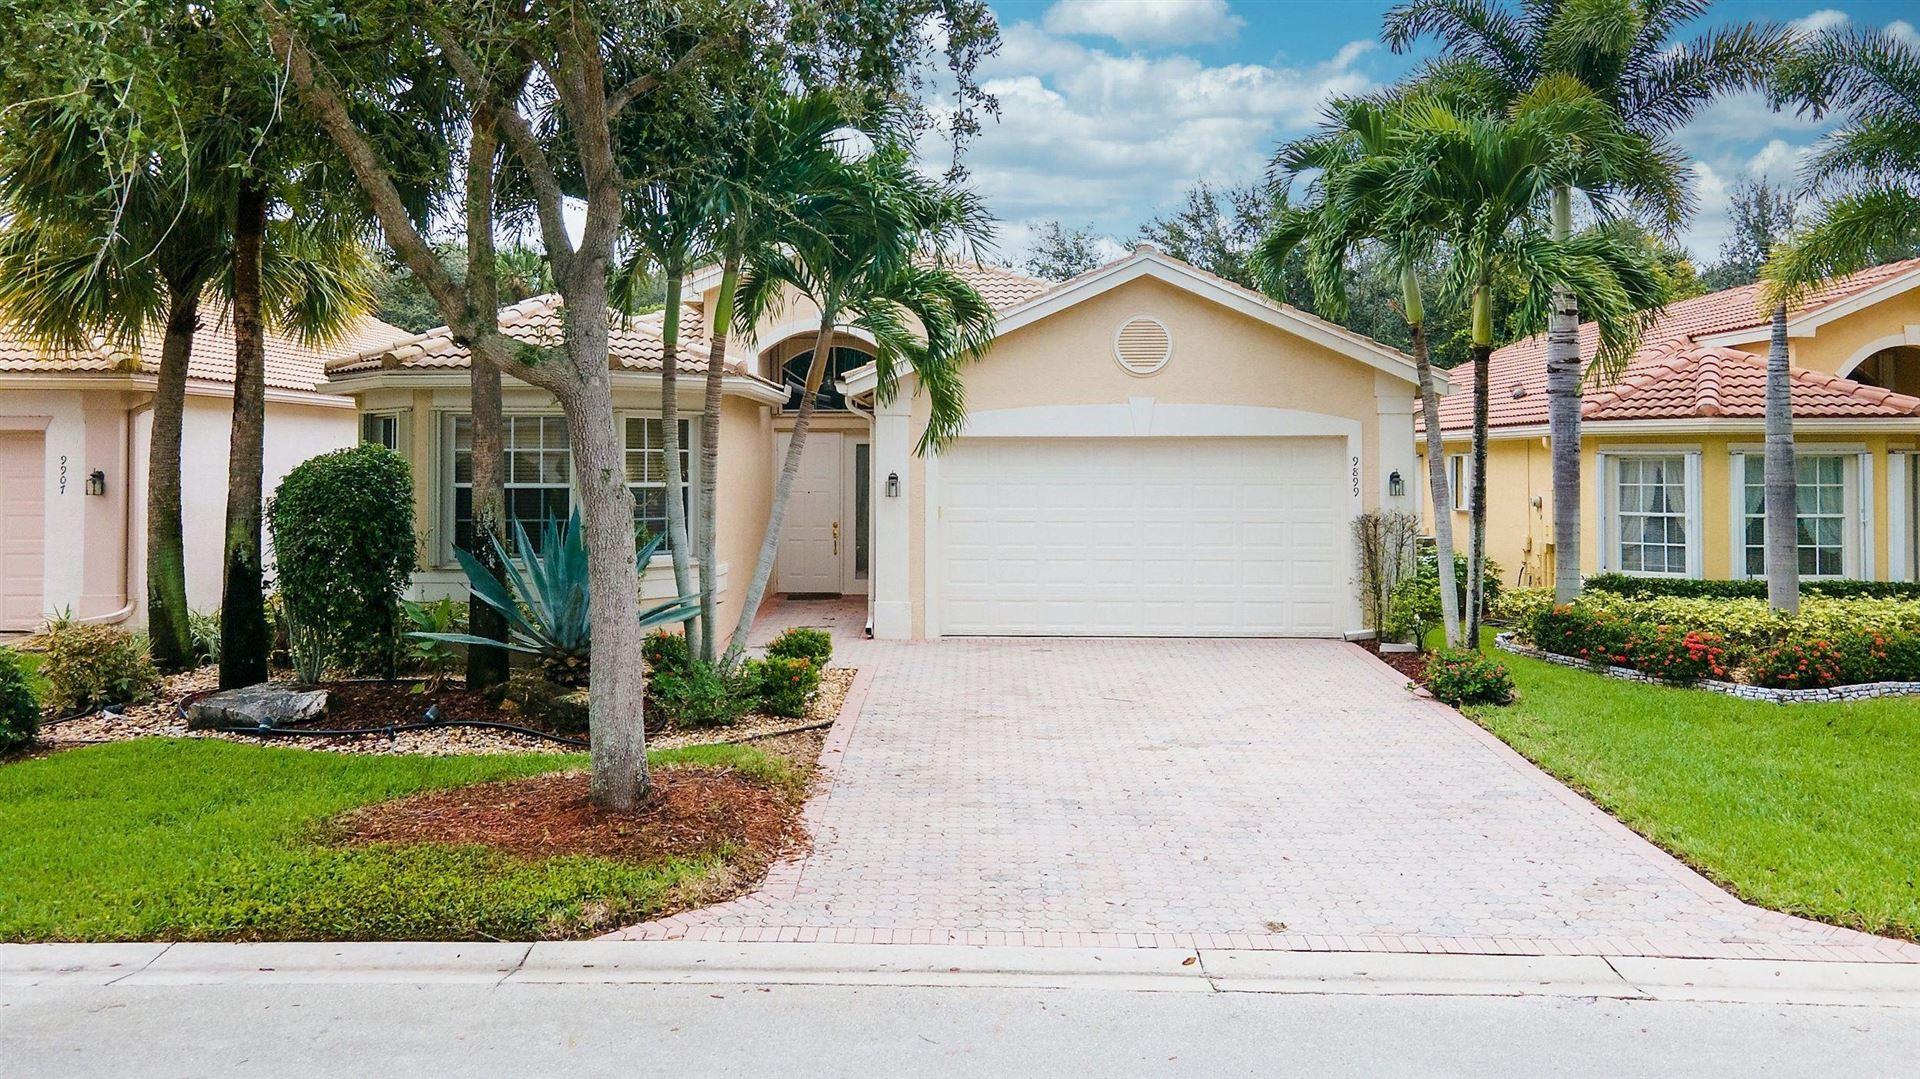 9899 Chantilly Point Lane, Lake Worth, FL 33467 - #: RX-10664421